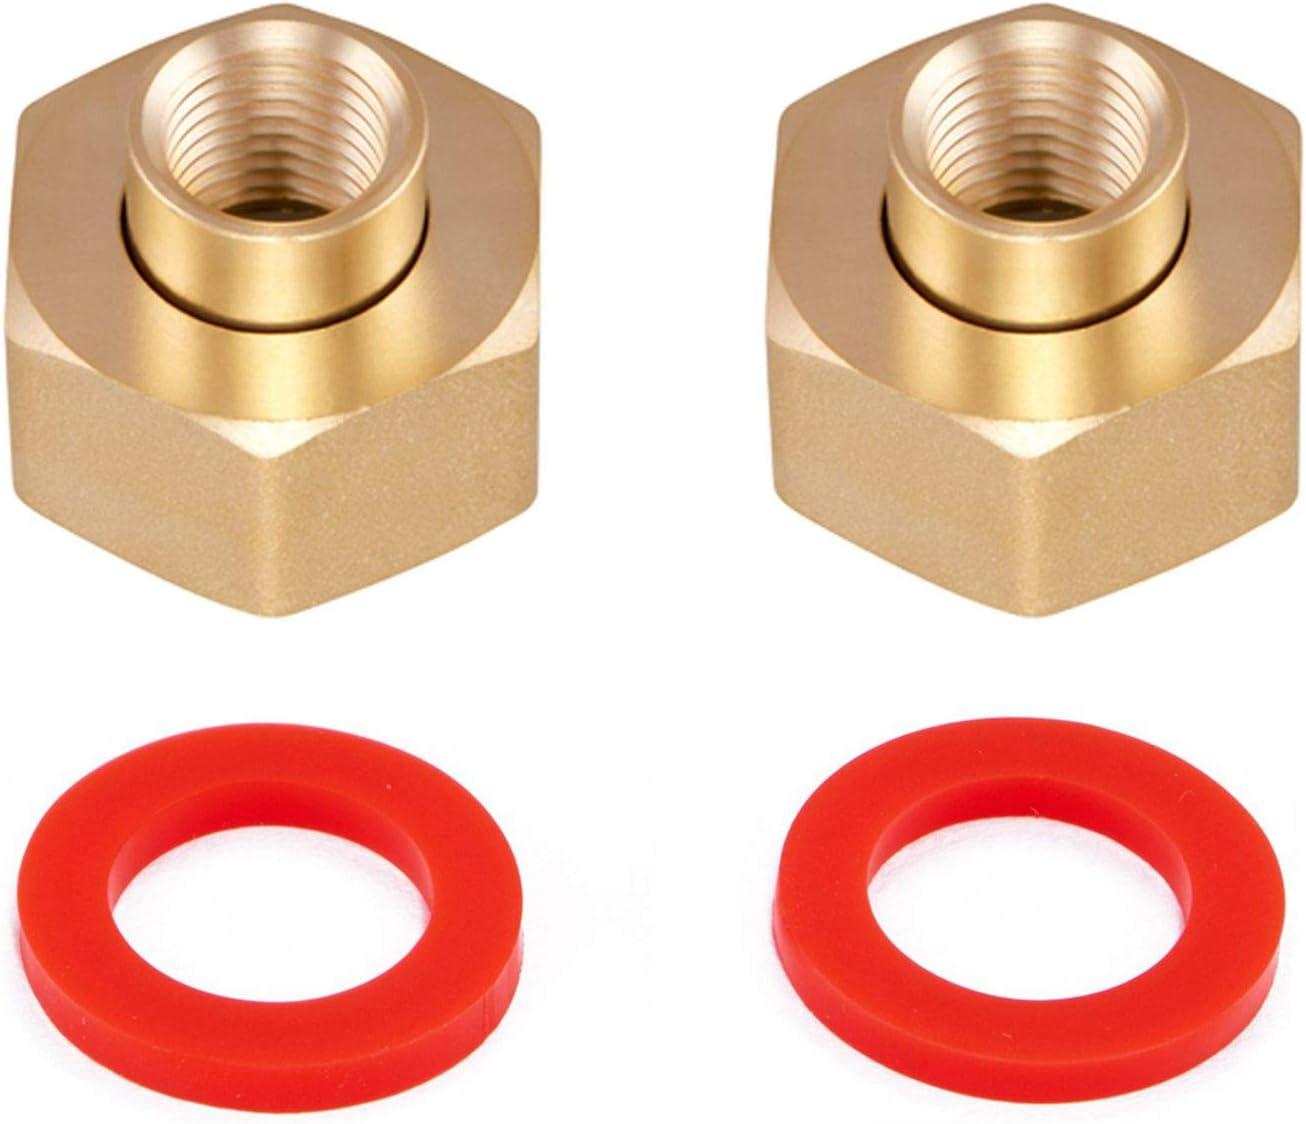 Minimprover 2PCS Lead Free Brass Hex Swivel 1/4